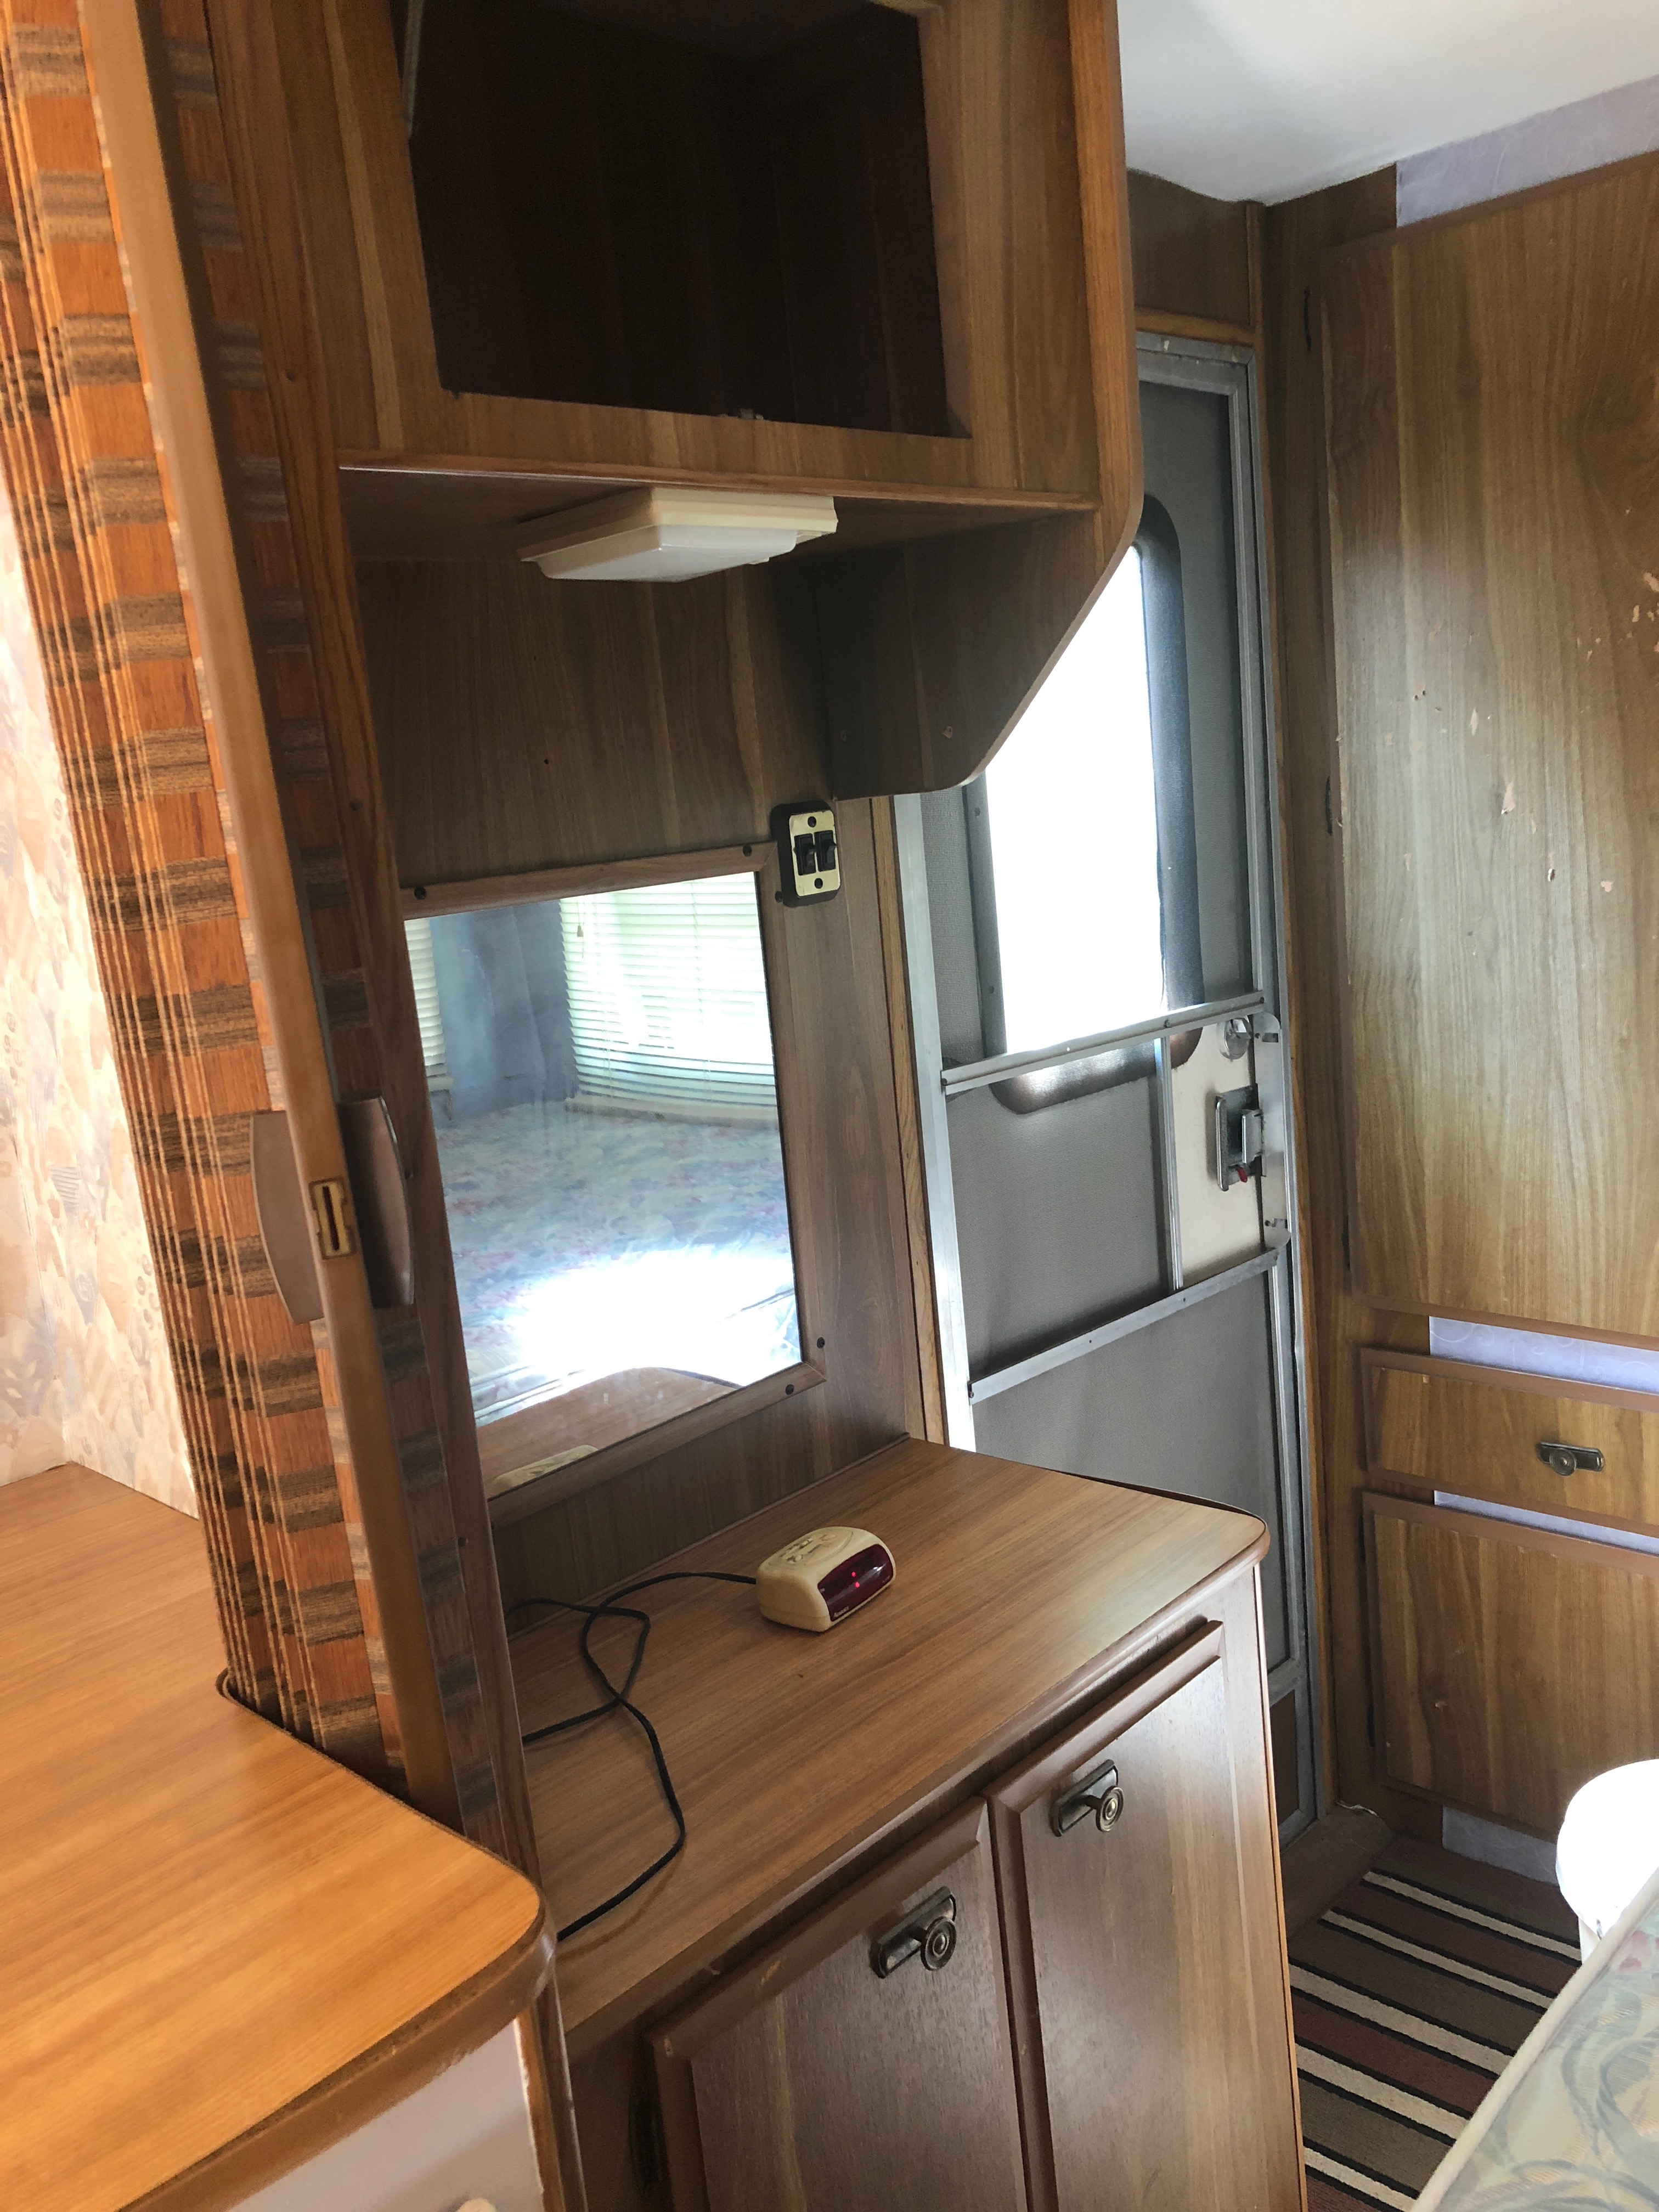 second camper door, opens into bedroom. Prowler FRWD 1986